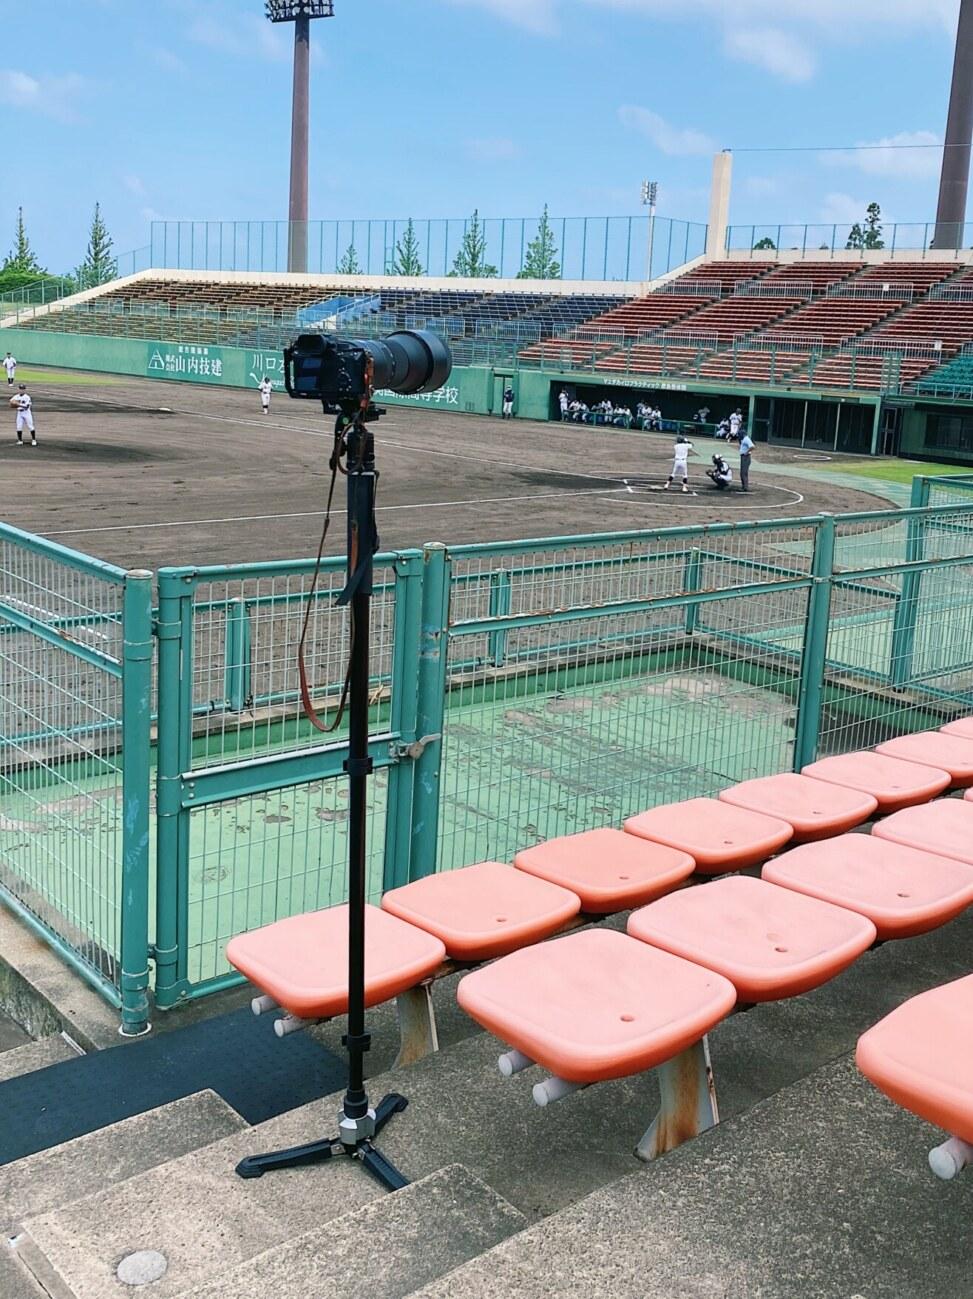 球場での撮影が捗ります